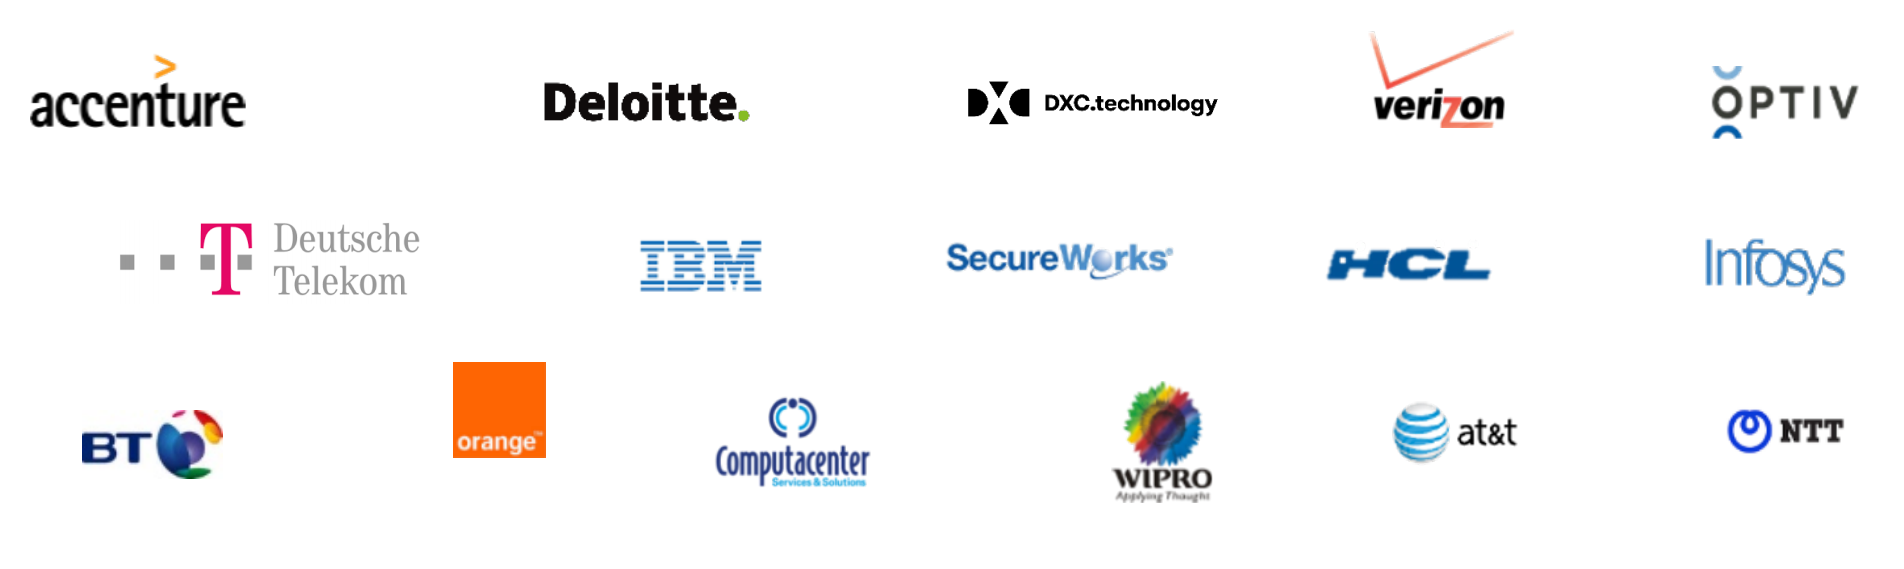 Логотипы компаний-посредников, через которые Qualys продает свои услуги. Источник: презентация компании, слайд 7